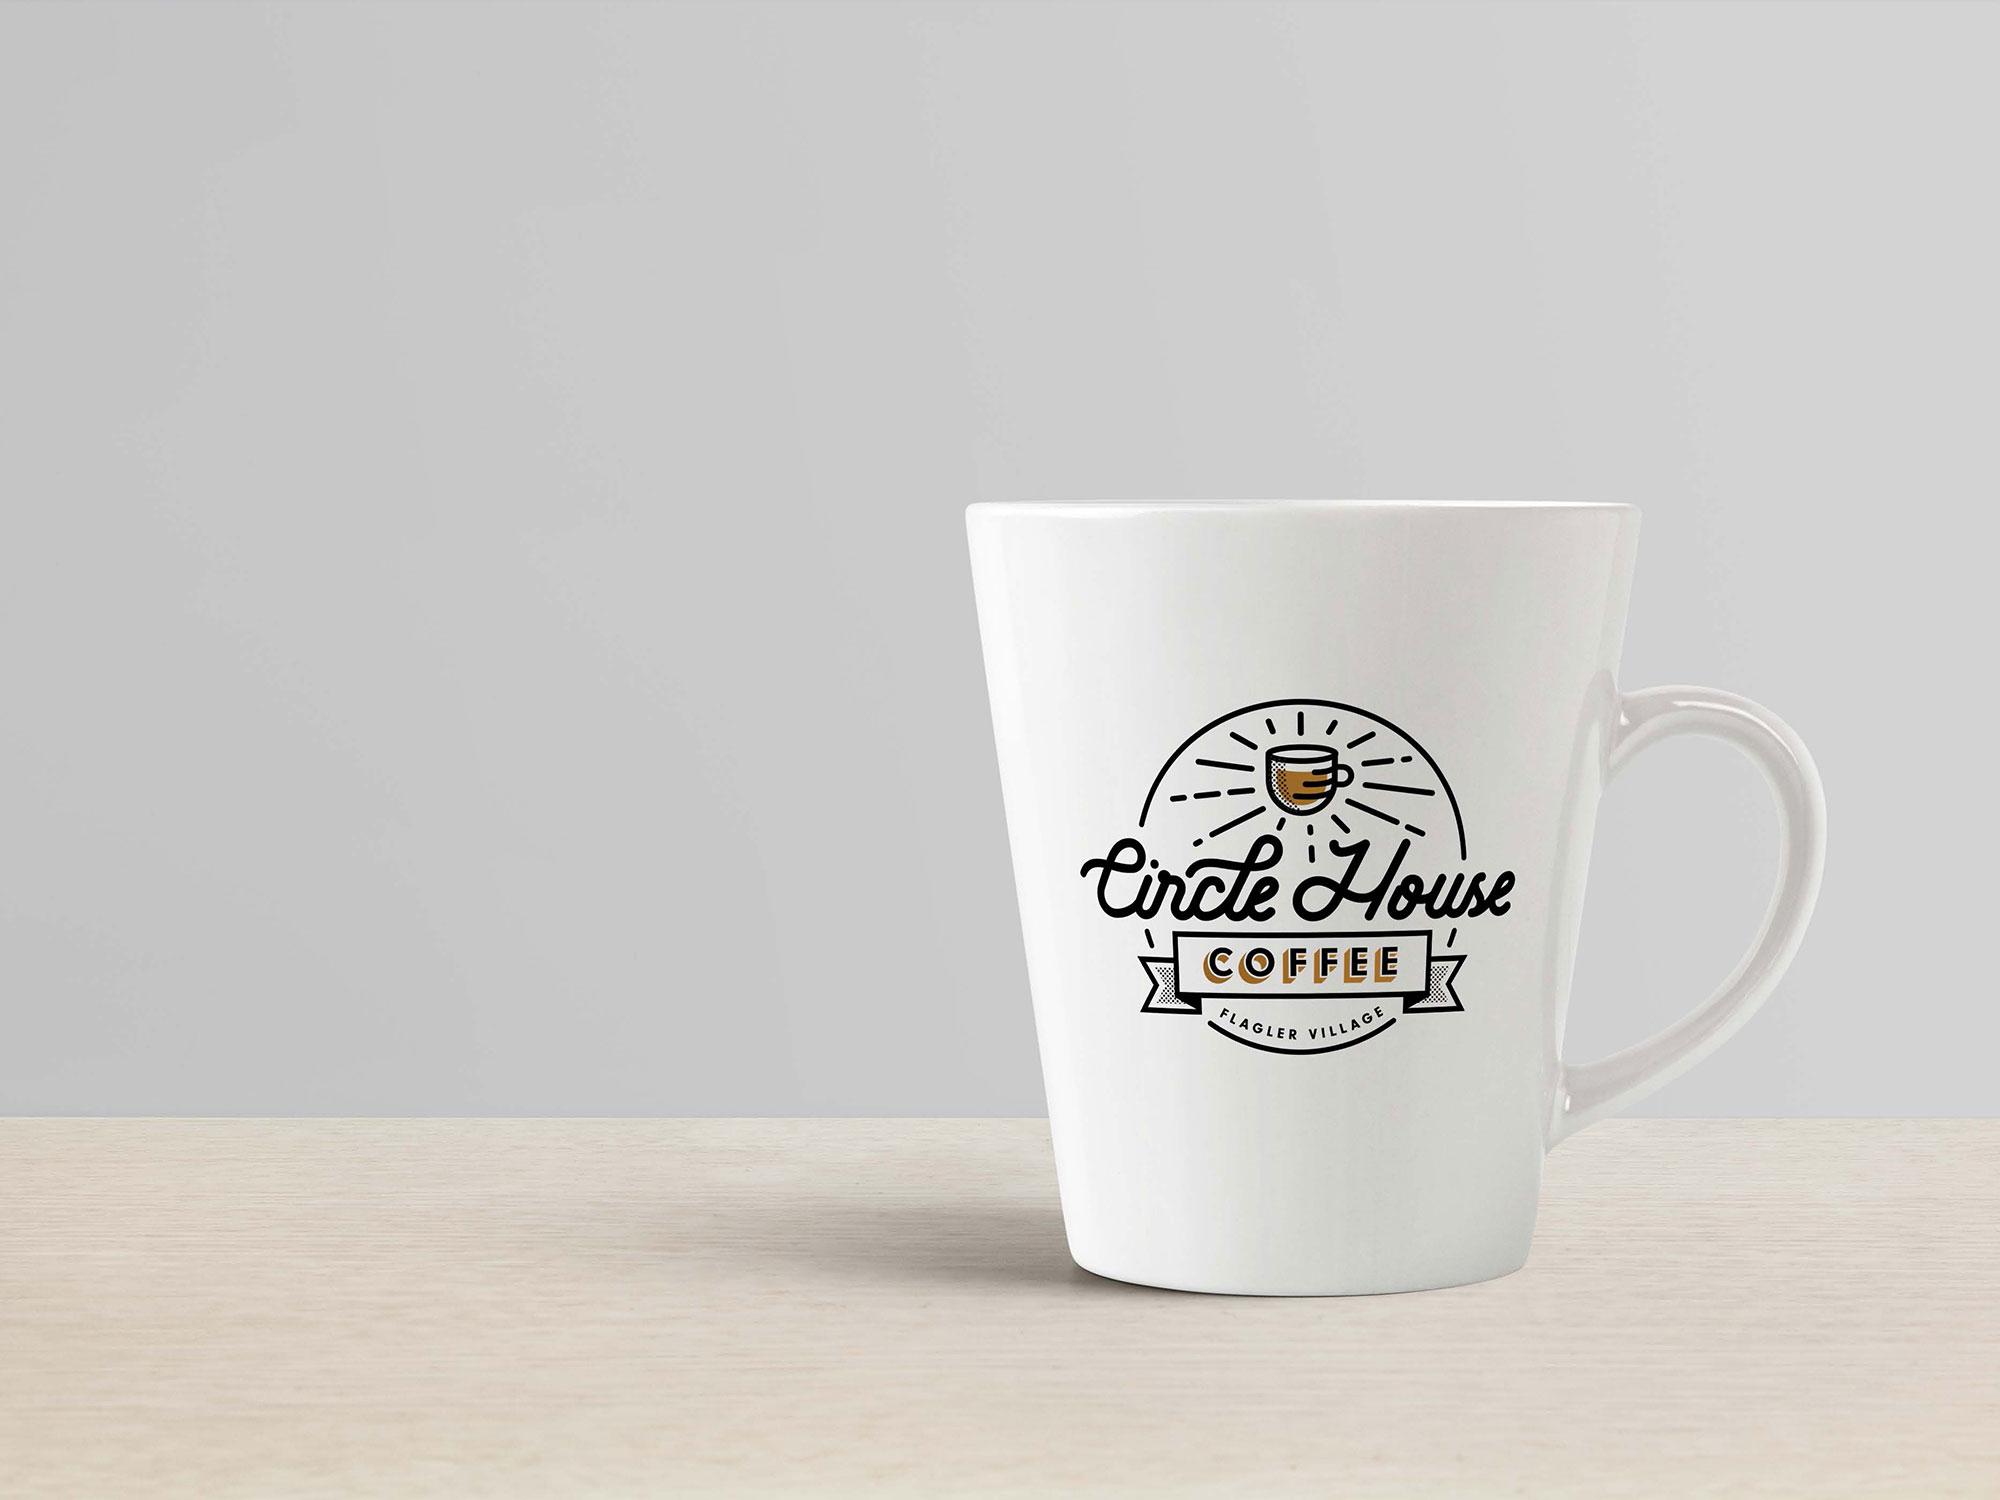 chc-mug.jpg